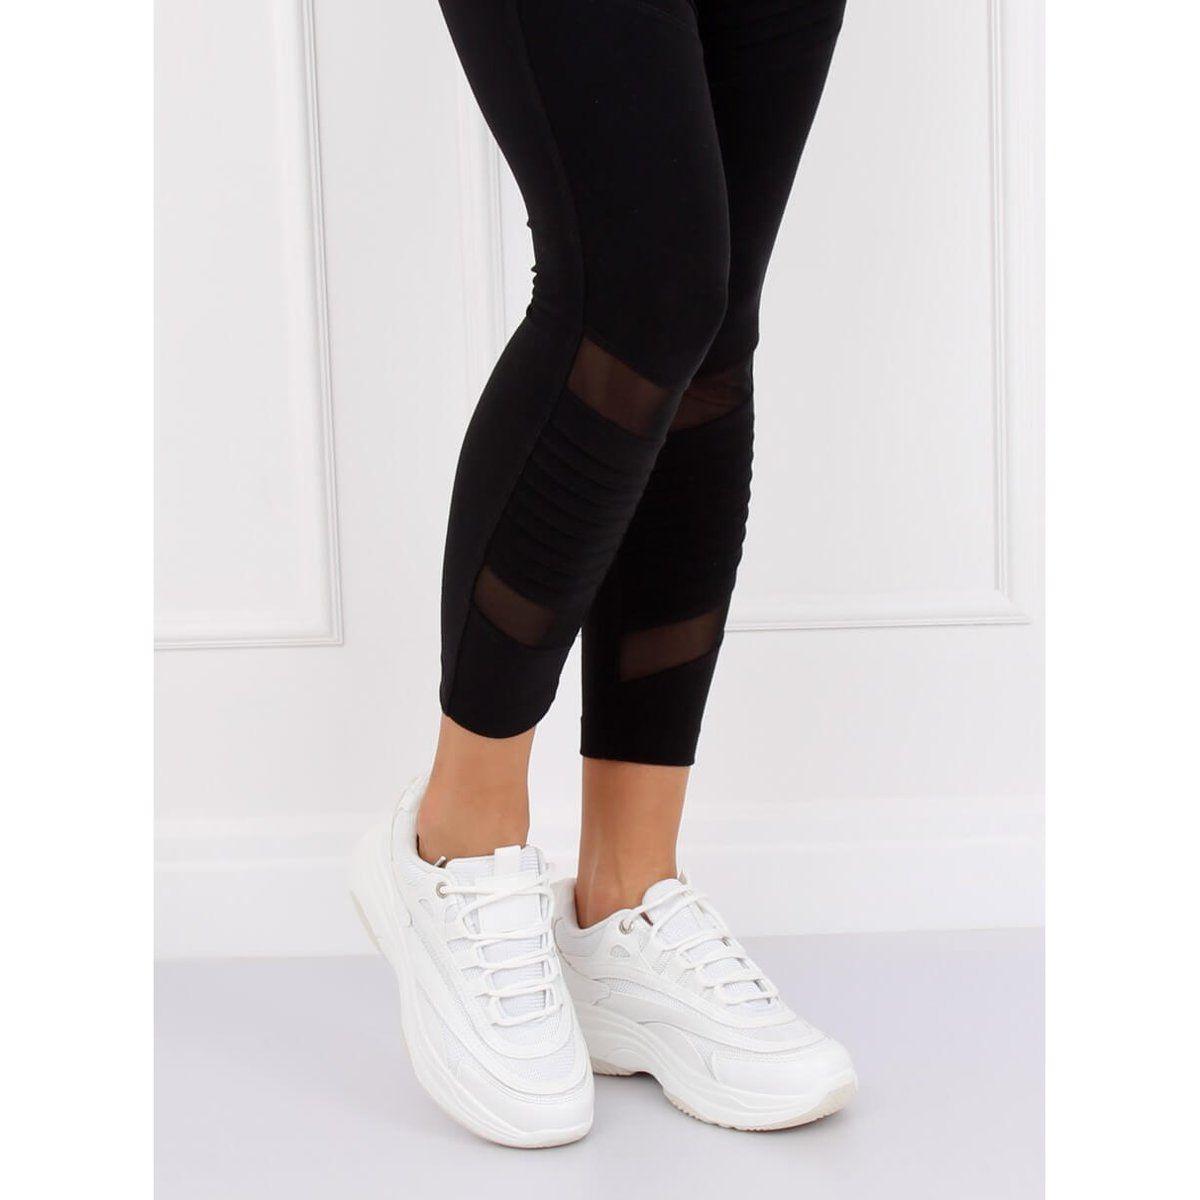 Buty Sportowe Damskie Biale B0 15 White Fashion Black Jeans Black